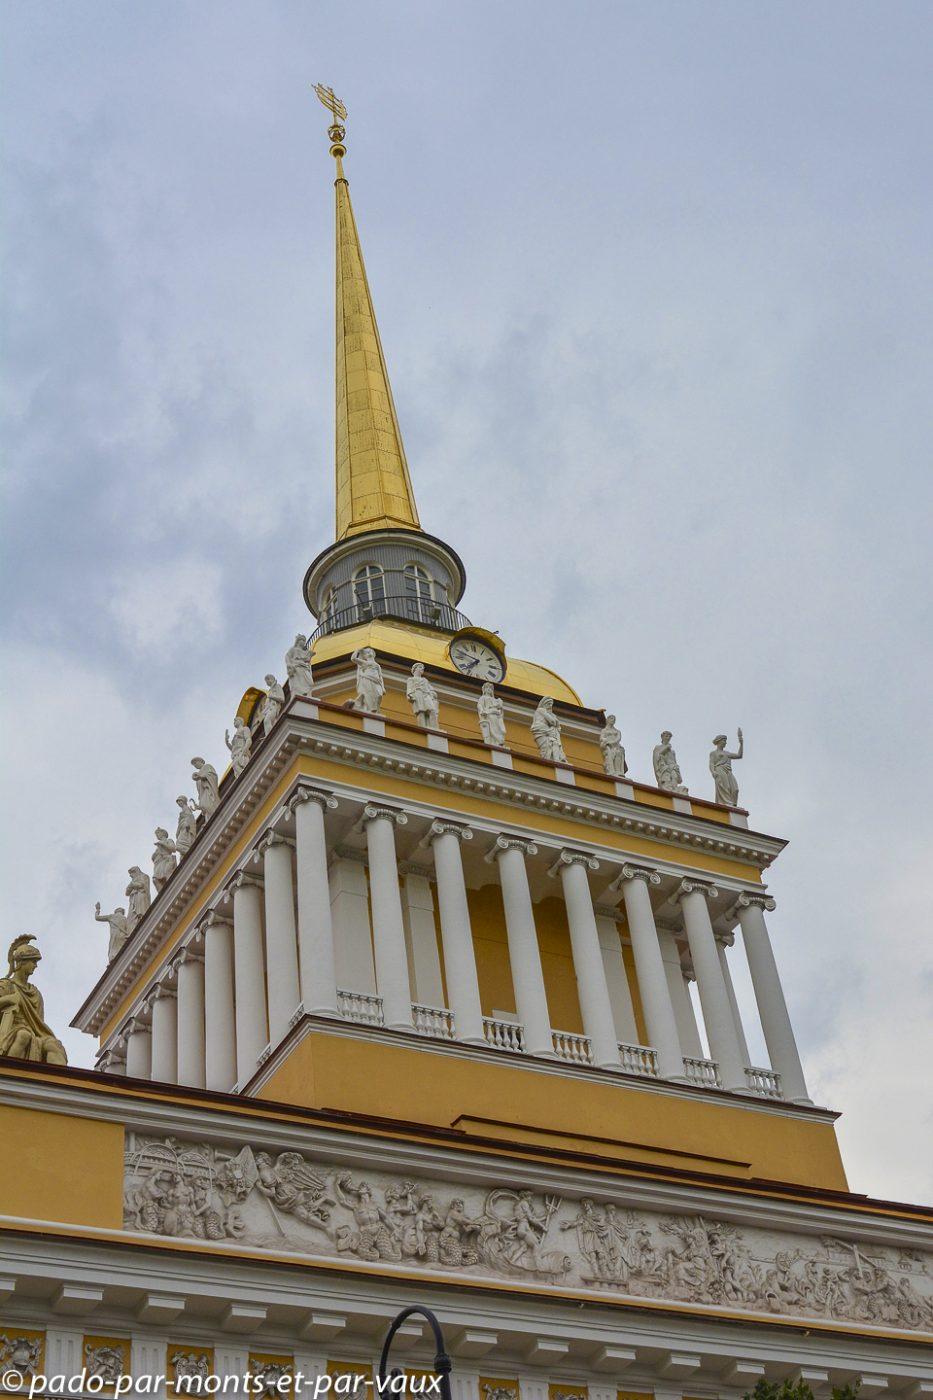 2015 - St Pétersbourg - Amirauté